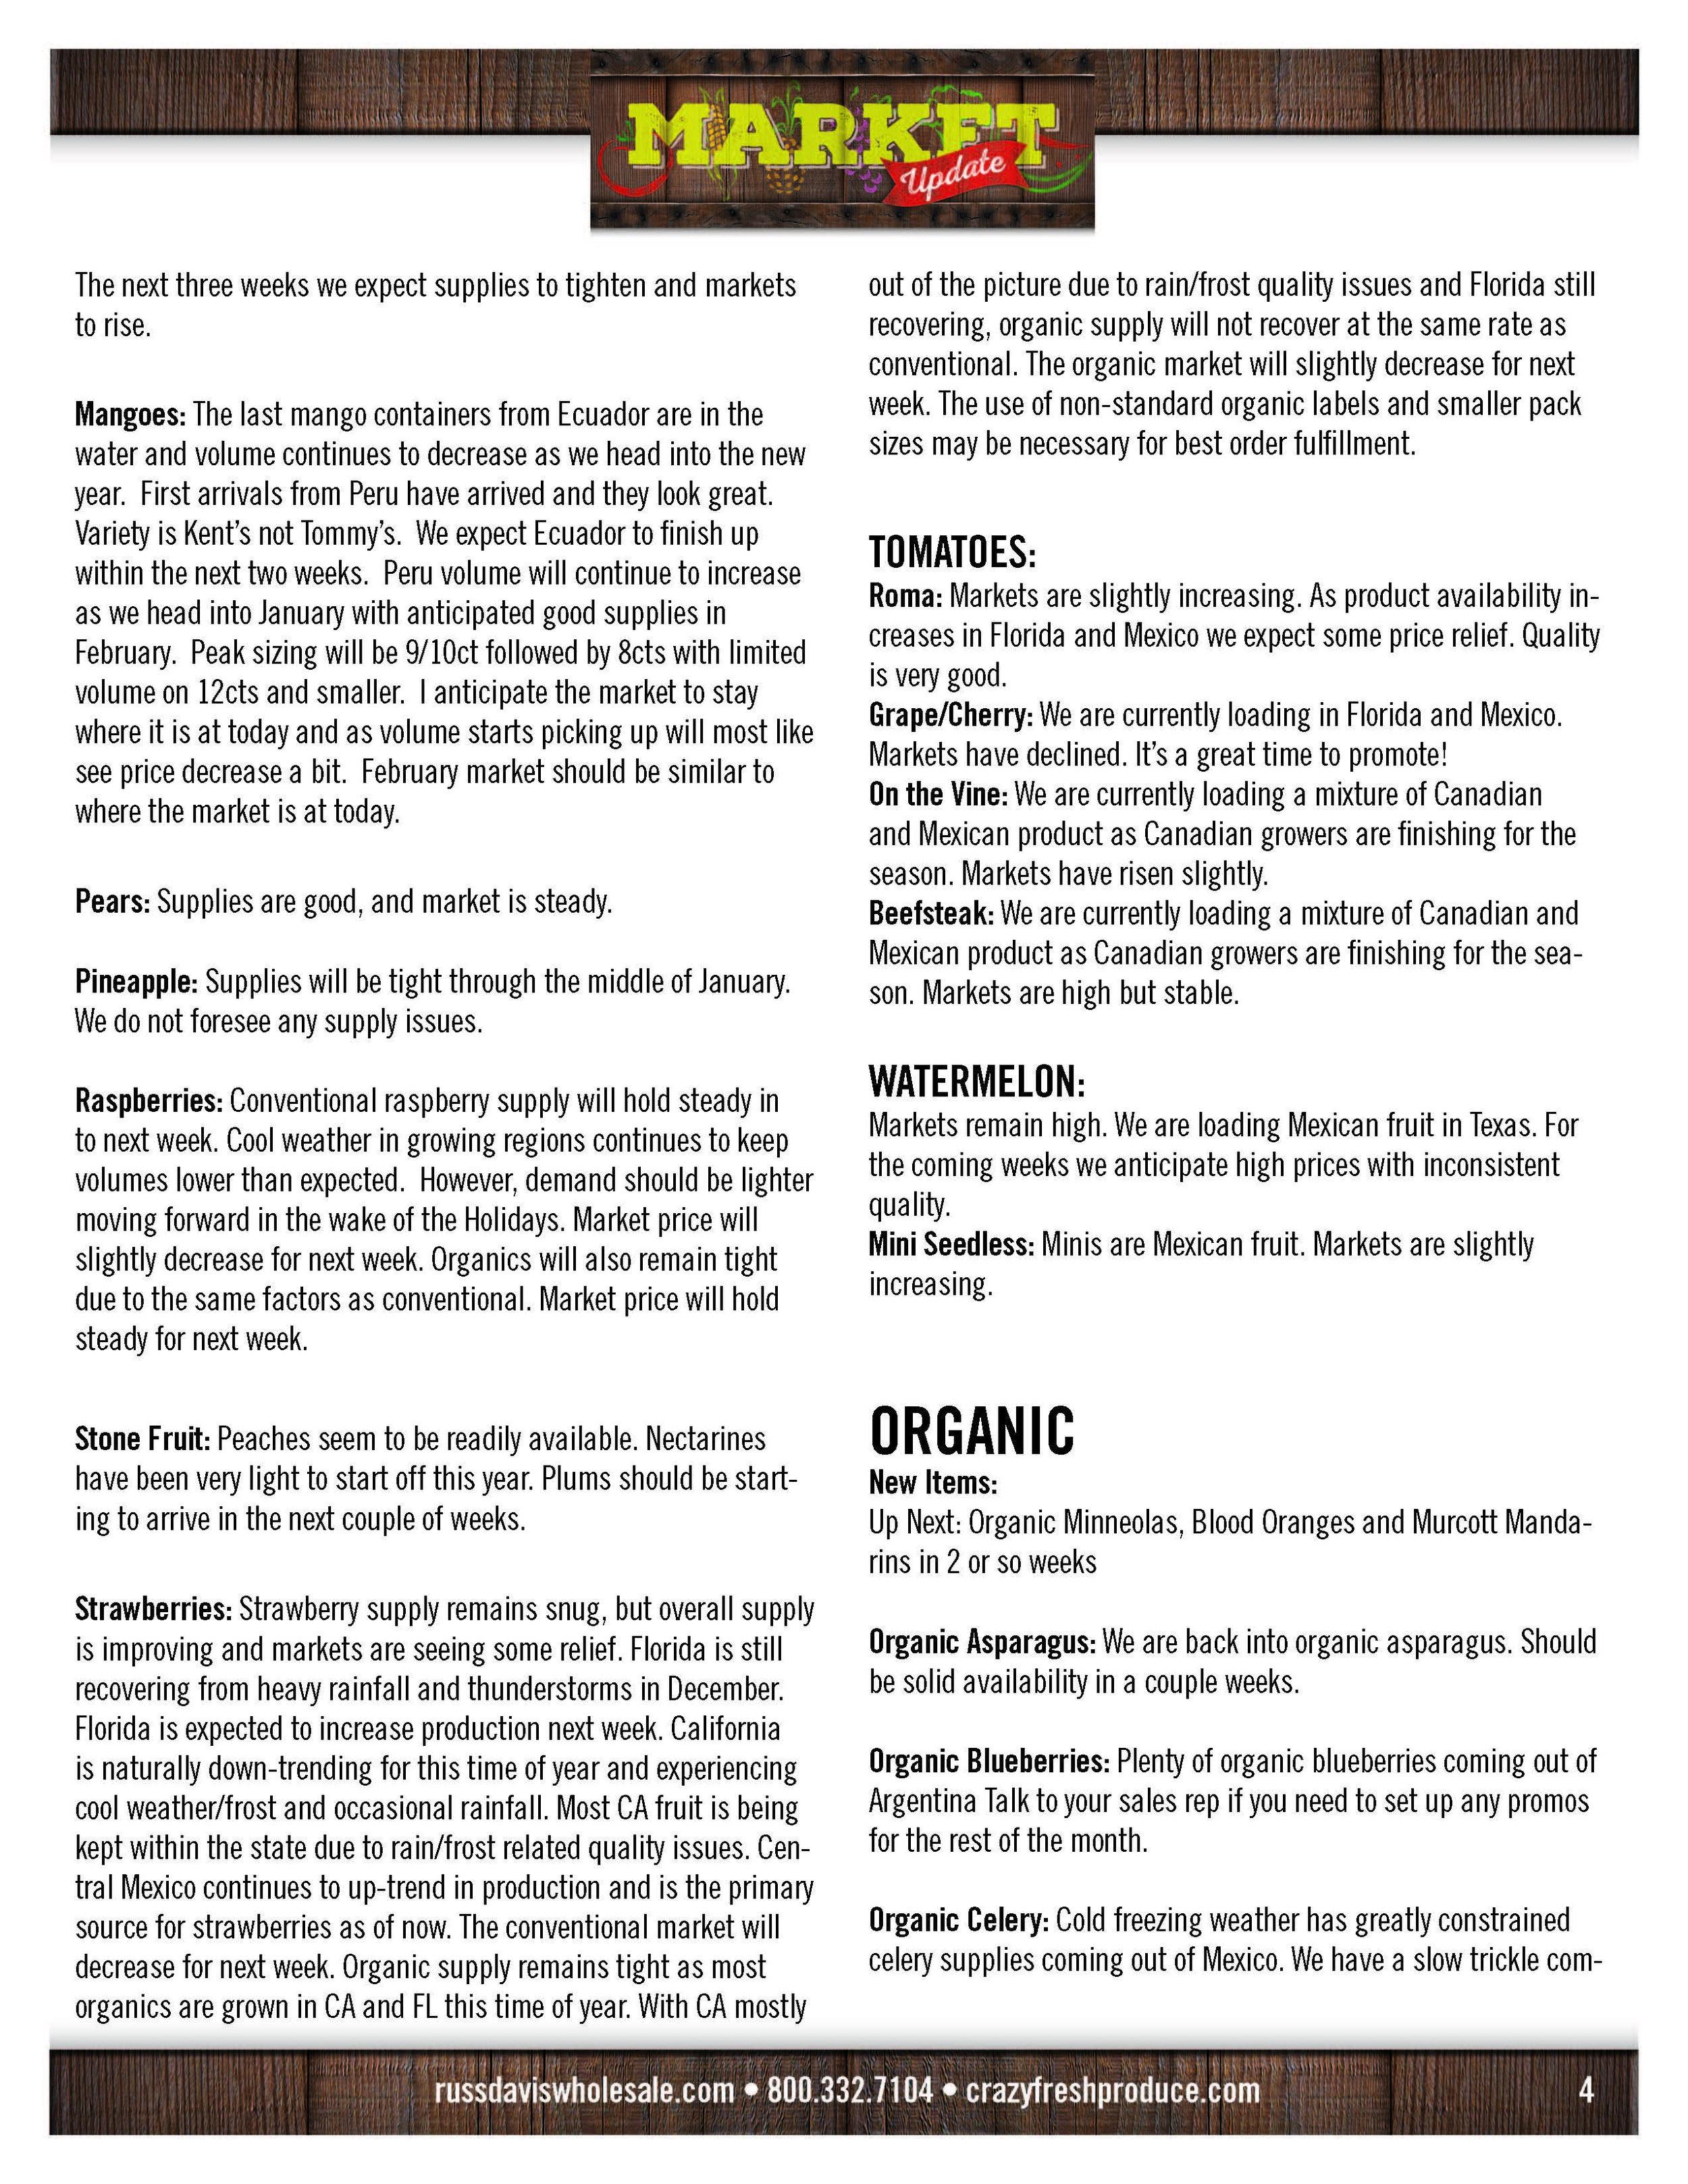 RDW_Market_Update_Jan9_19_Page_4.jpg